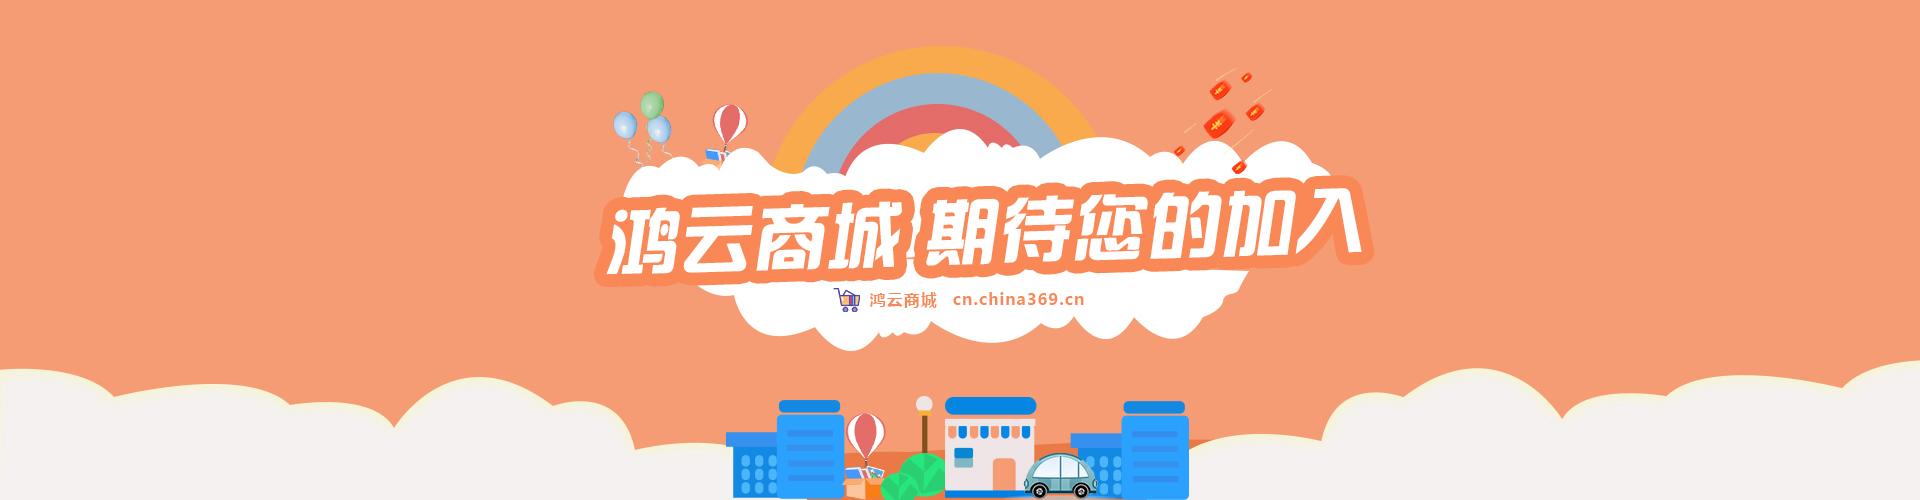 安徽云丰公司-首个云平台-鸿云商城